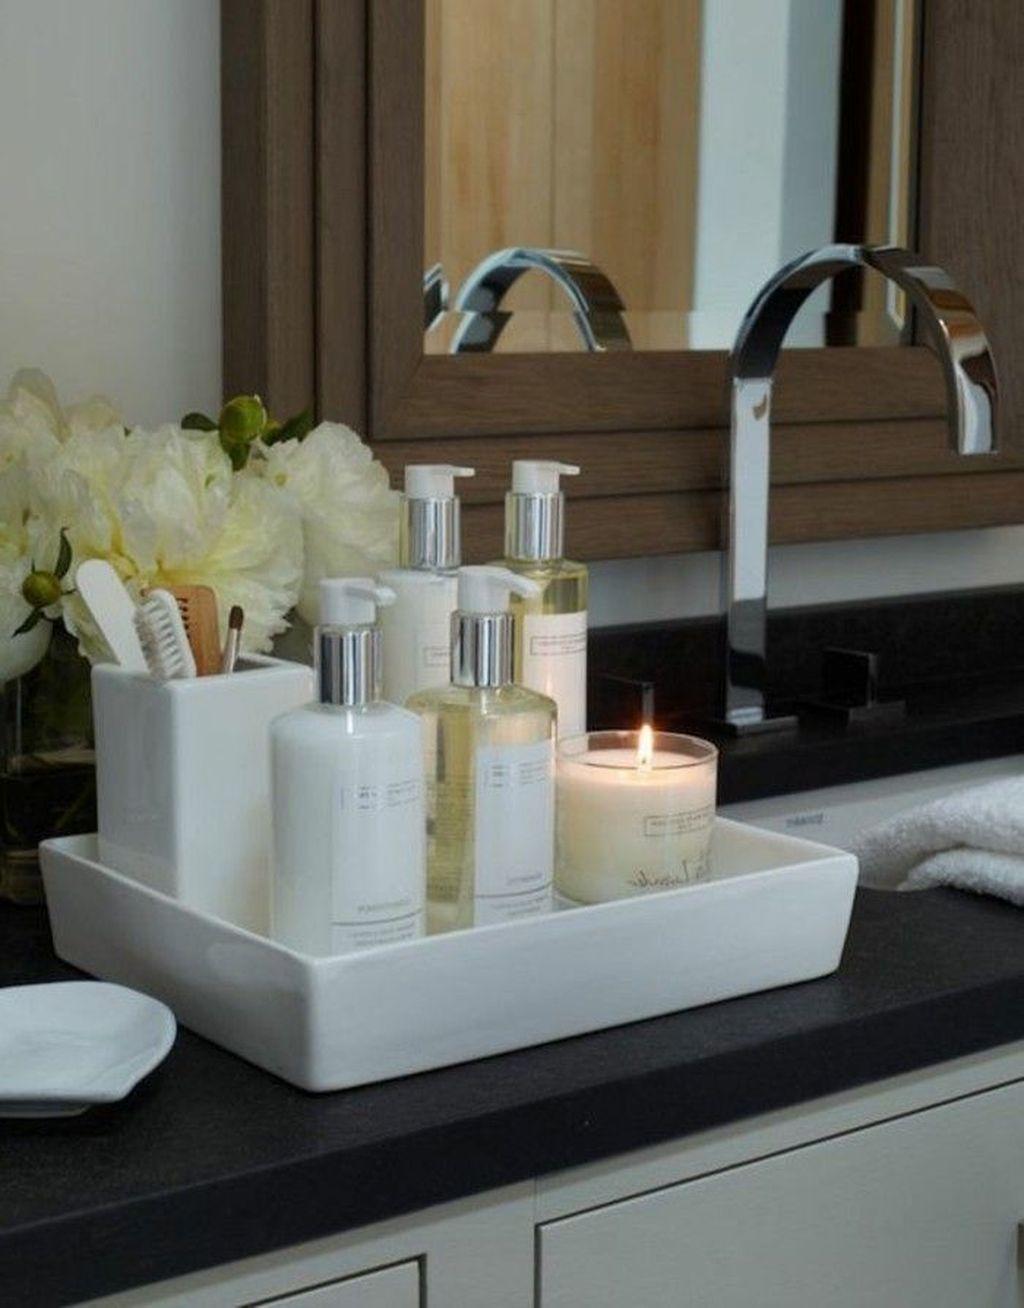 Affordable Diy Organization Bathroom Design Ideas For Bottle And Towel Labels31